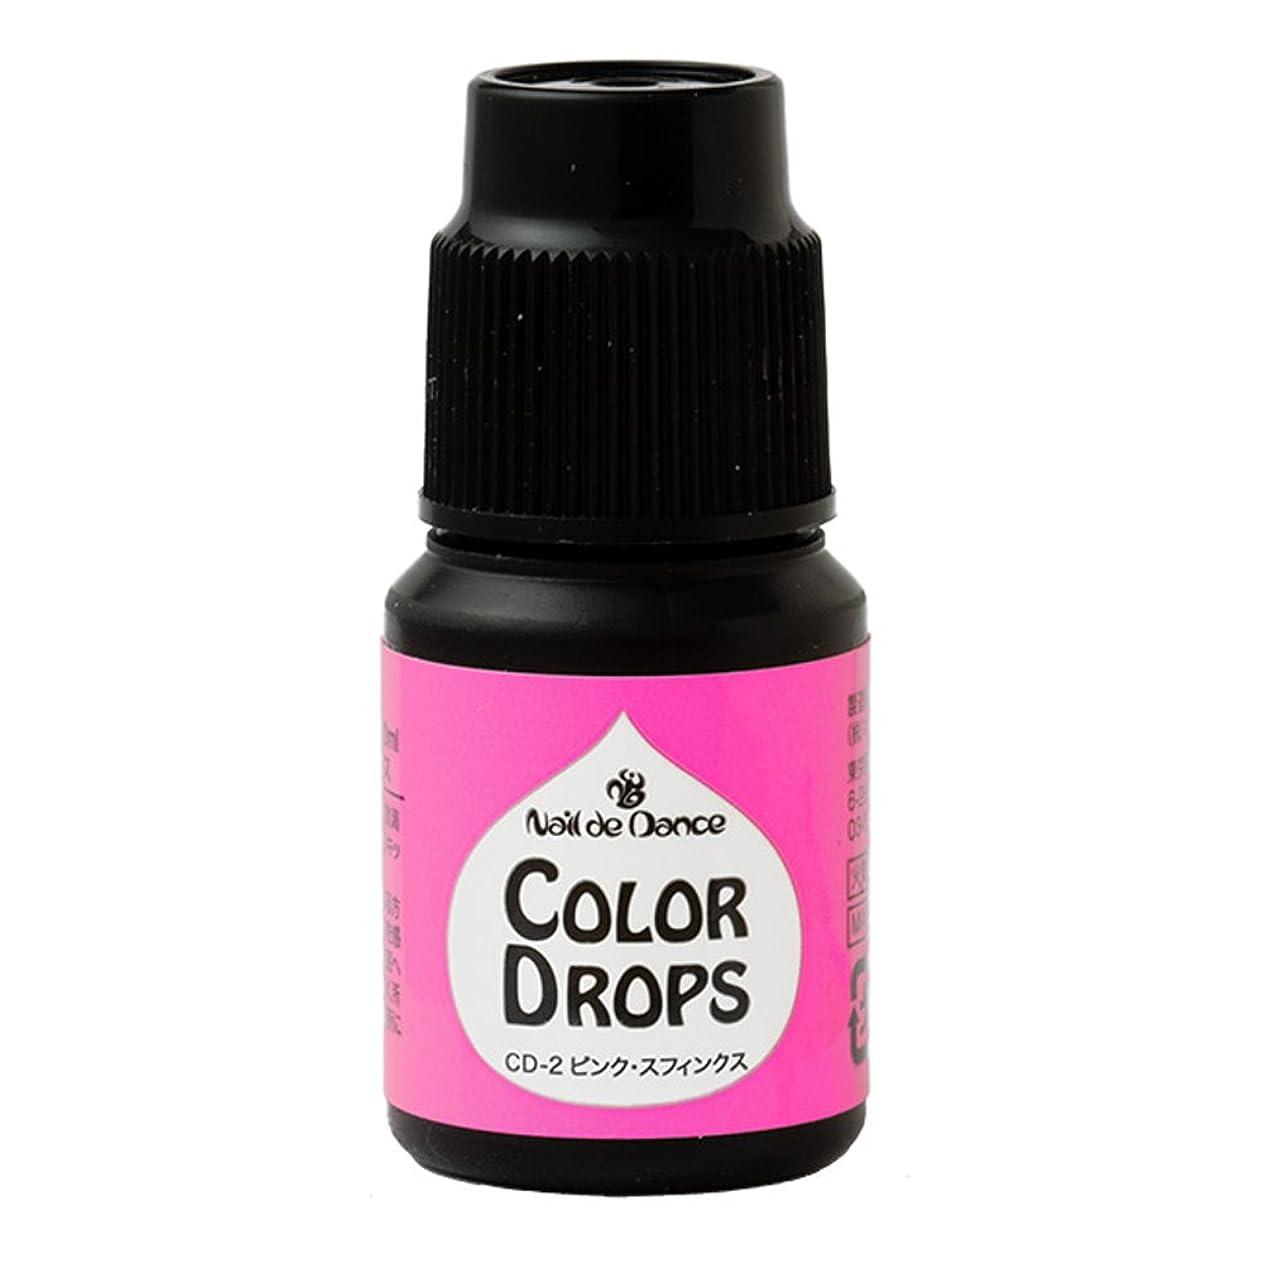 炭素価値のないレッドデートカラードロップス濃縮タイプ ピンク